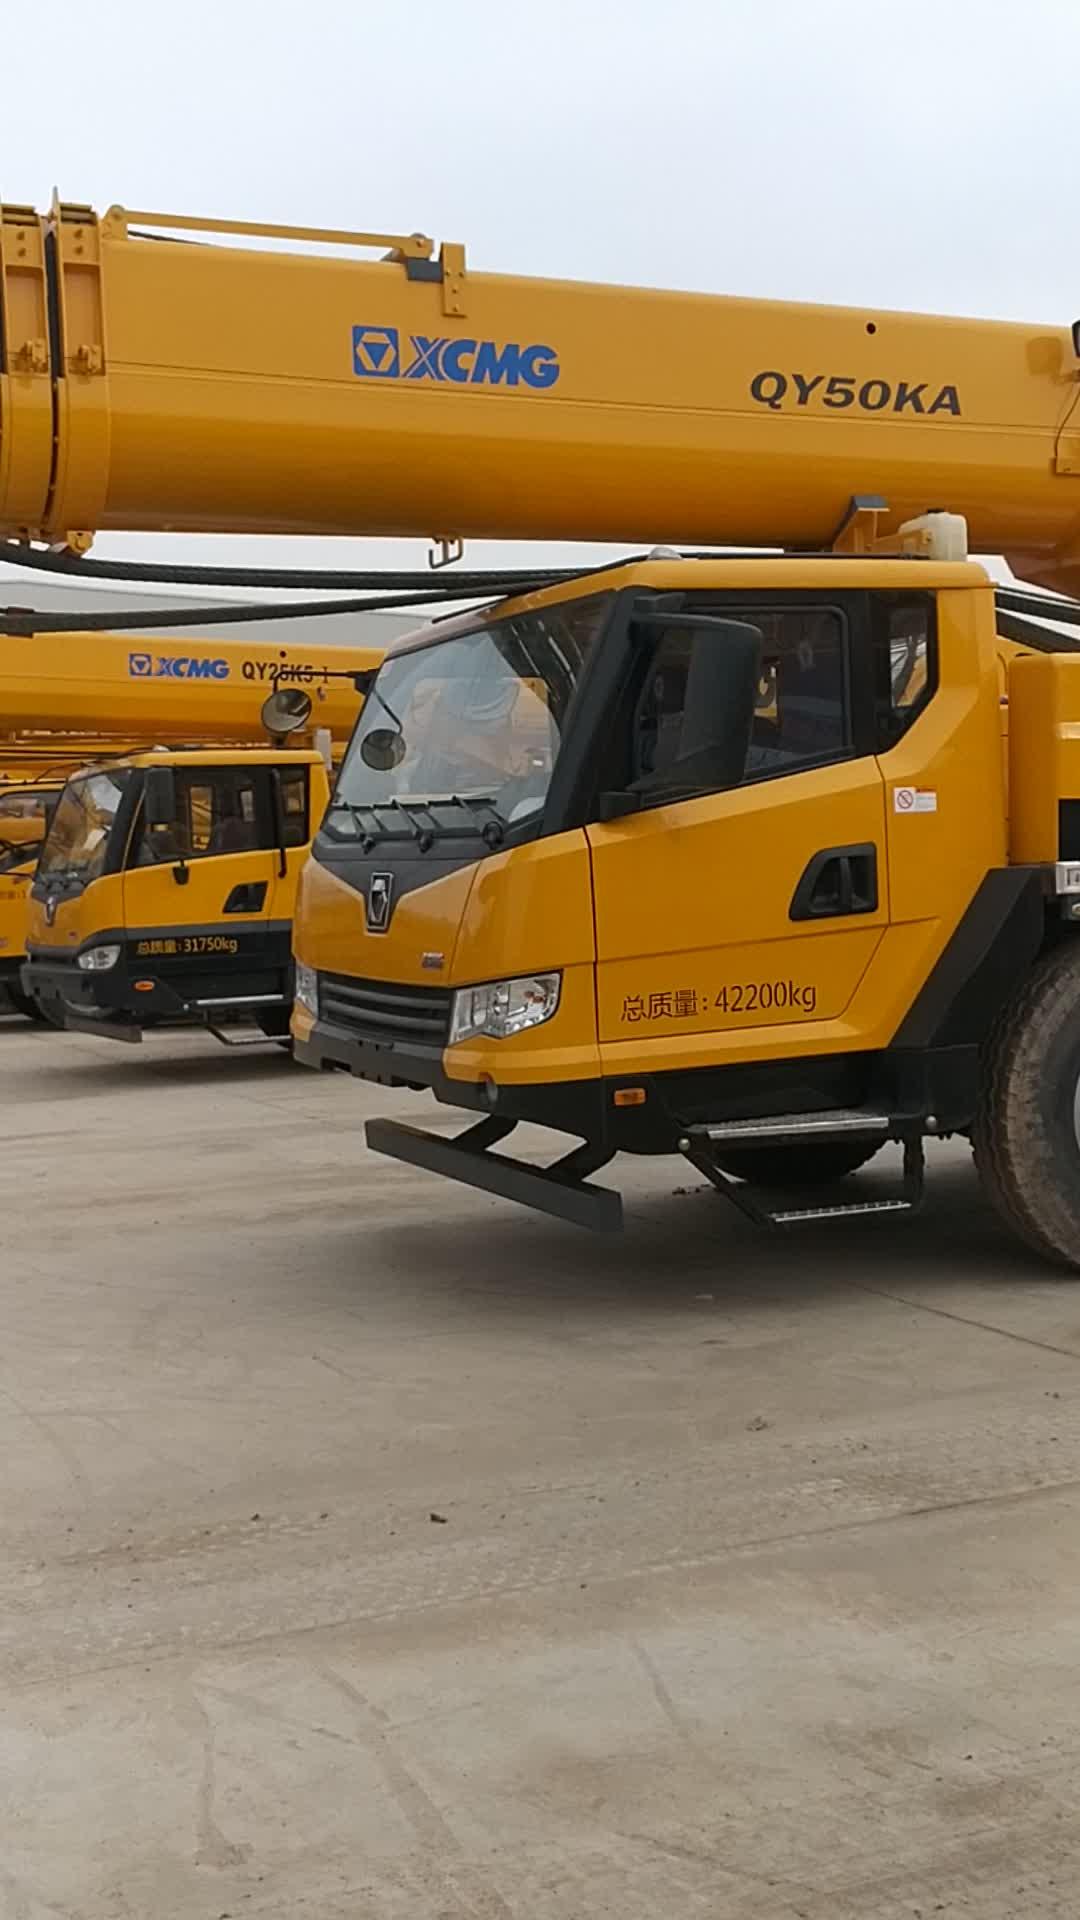 50ton hydraulische kraanwagen QY50KA met Liebherr tech